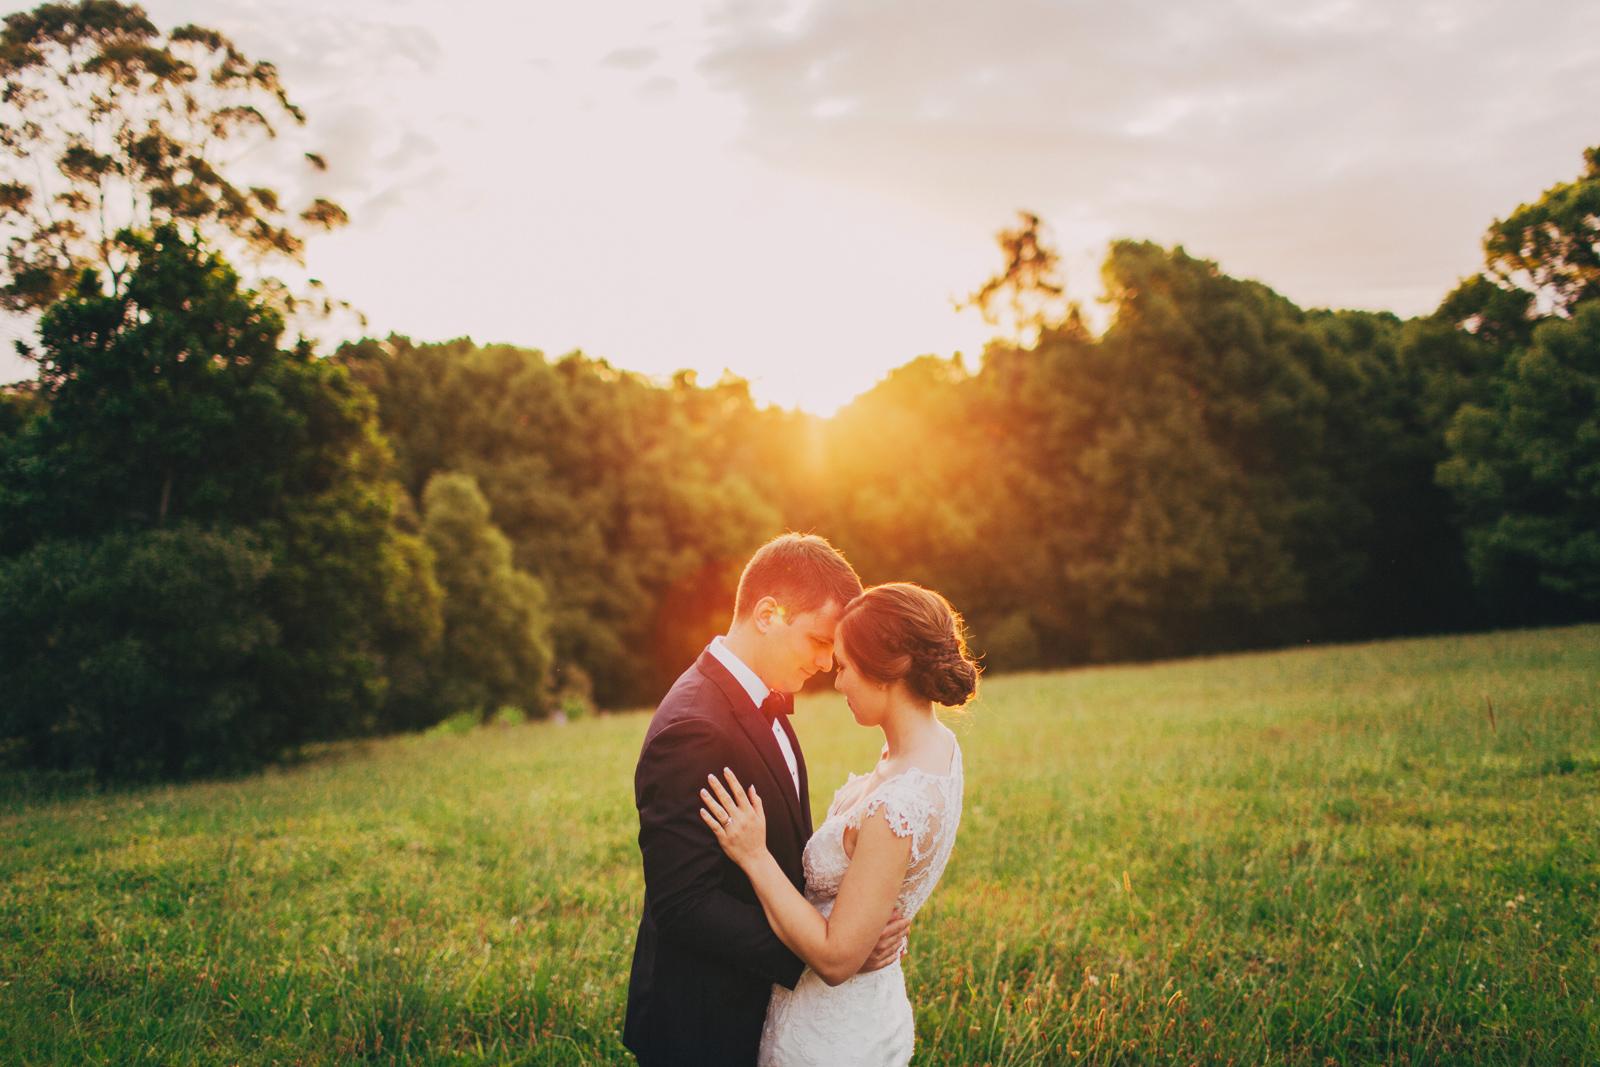 Hilary-&-Darren-Married---0747